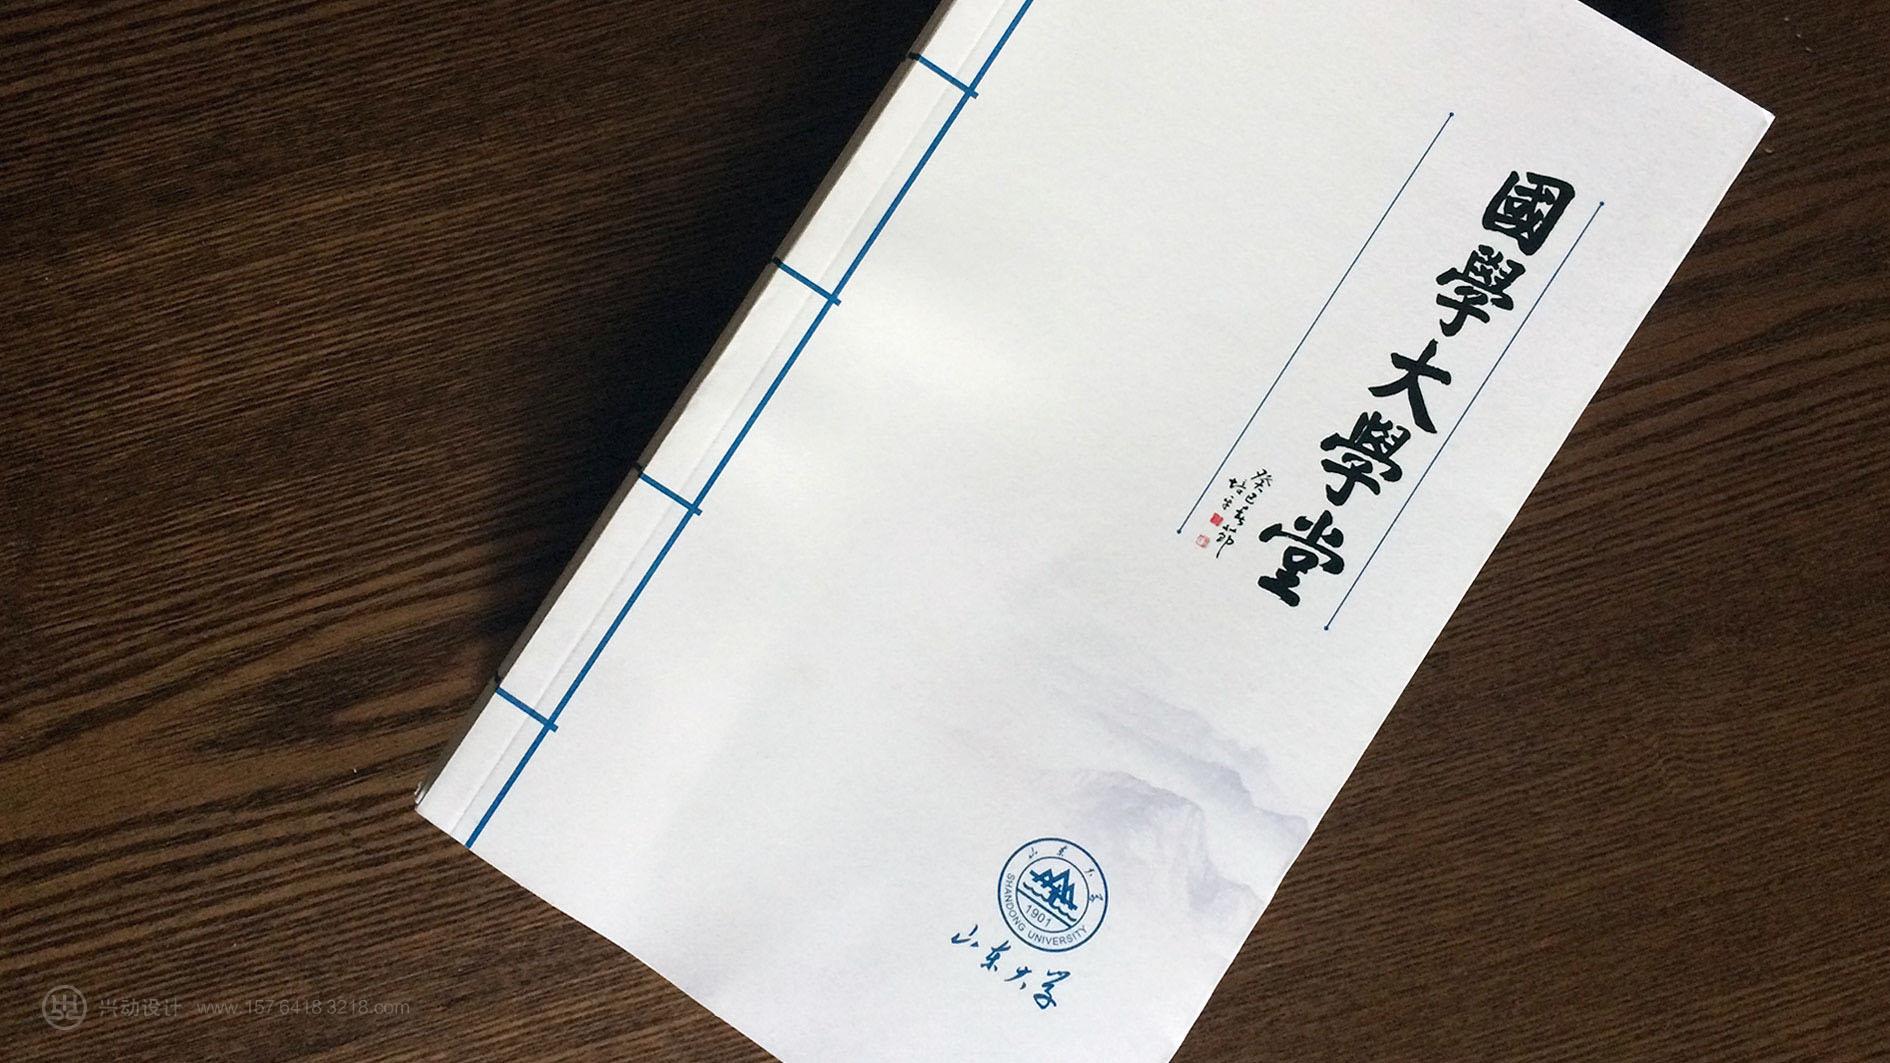 山东大学国学大学堂画册装帧设计